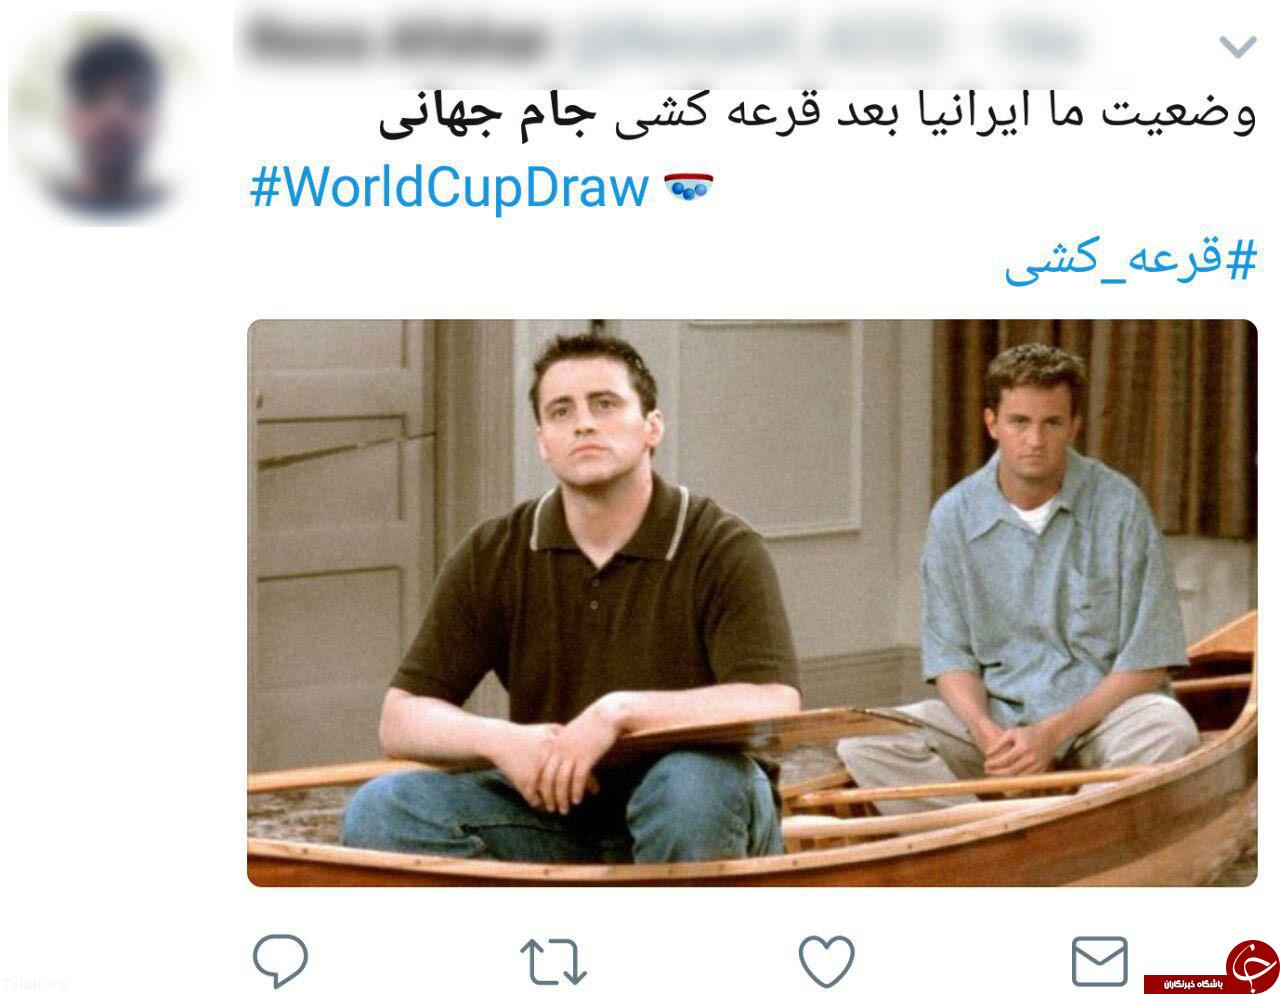 نگاه طنز کاربران ایرانی به گروه ایران، اسپانیا و پرتغال + عکس